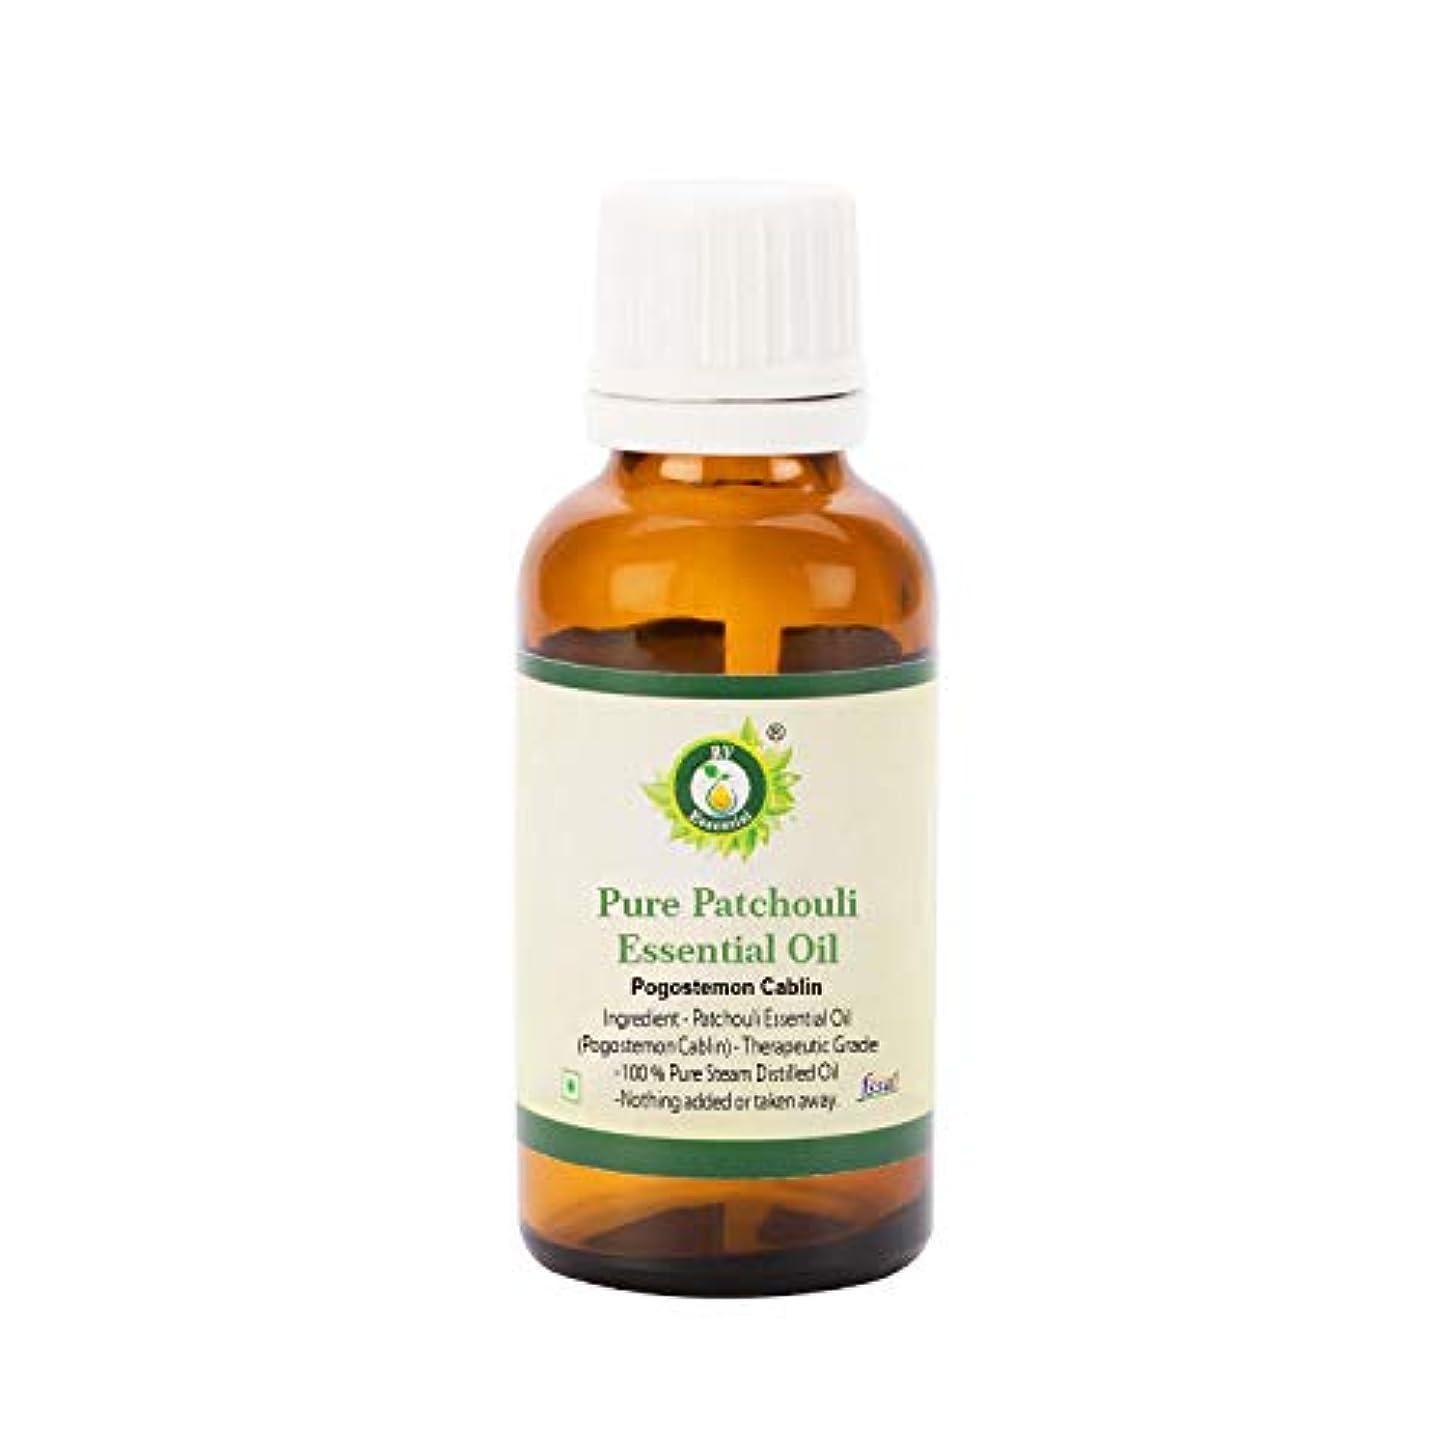 することになっているスクラップブック言語R V Essential ピュアパチュリーエッセンシャルオイル30ml (1.01oz)- Pogostemon Cablin (100%純粋&天然スチームDistilled) Pure Patchouli Essential...